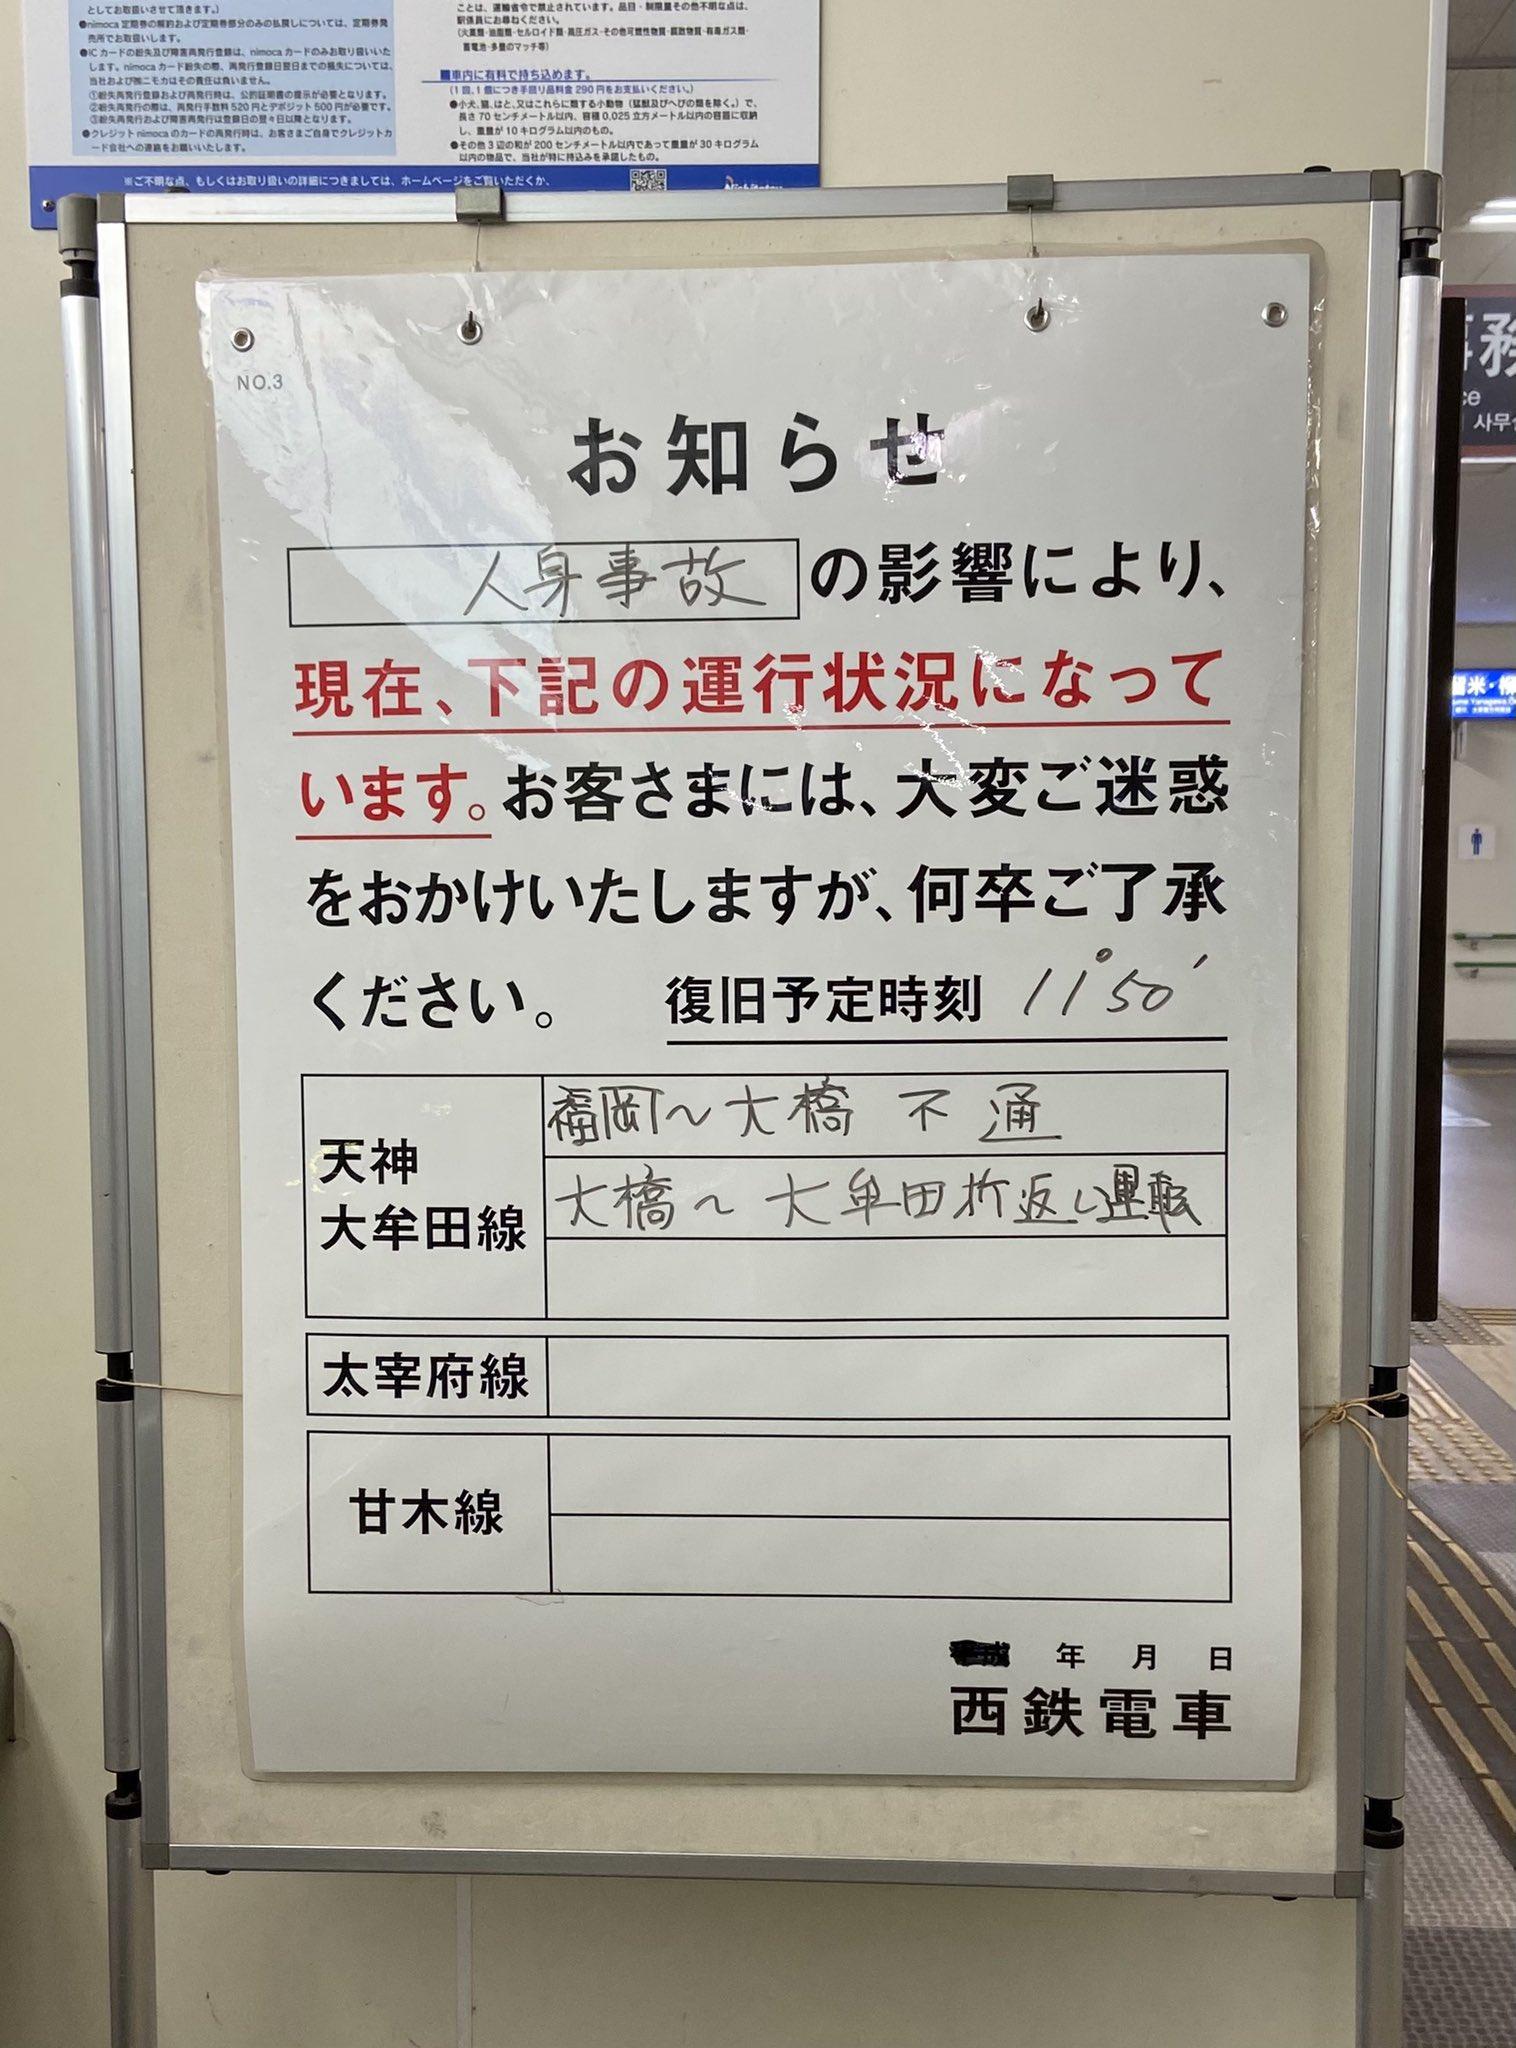 画像,外出しようと最寄り駅へ。(´Д`)まぢか…#西鉄電車 #人身事故 https://t.co/wqkL1HlIPZ。